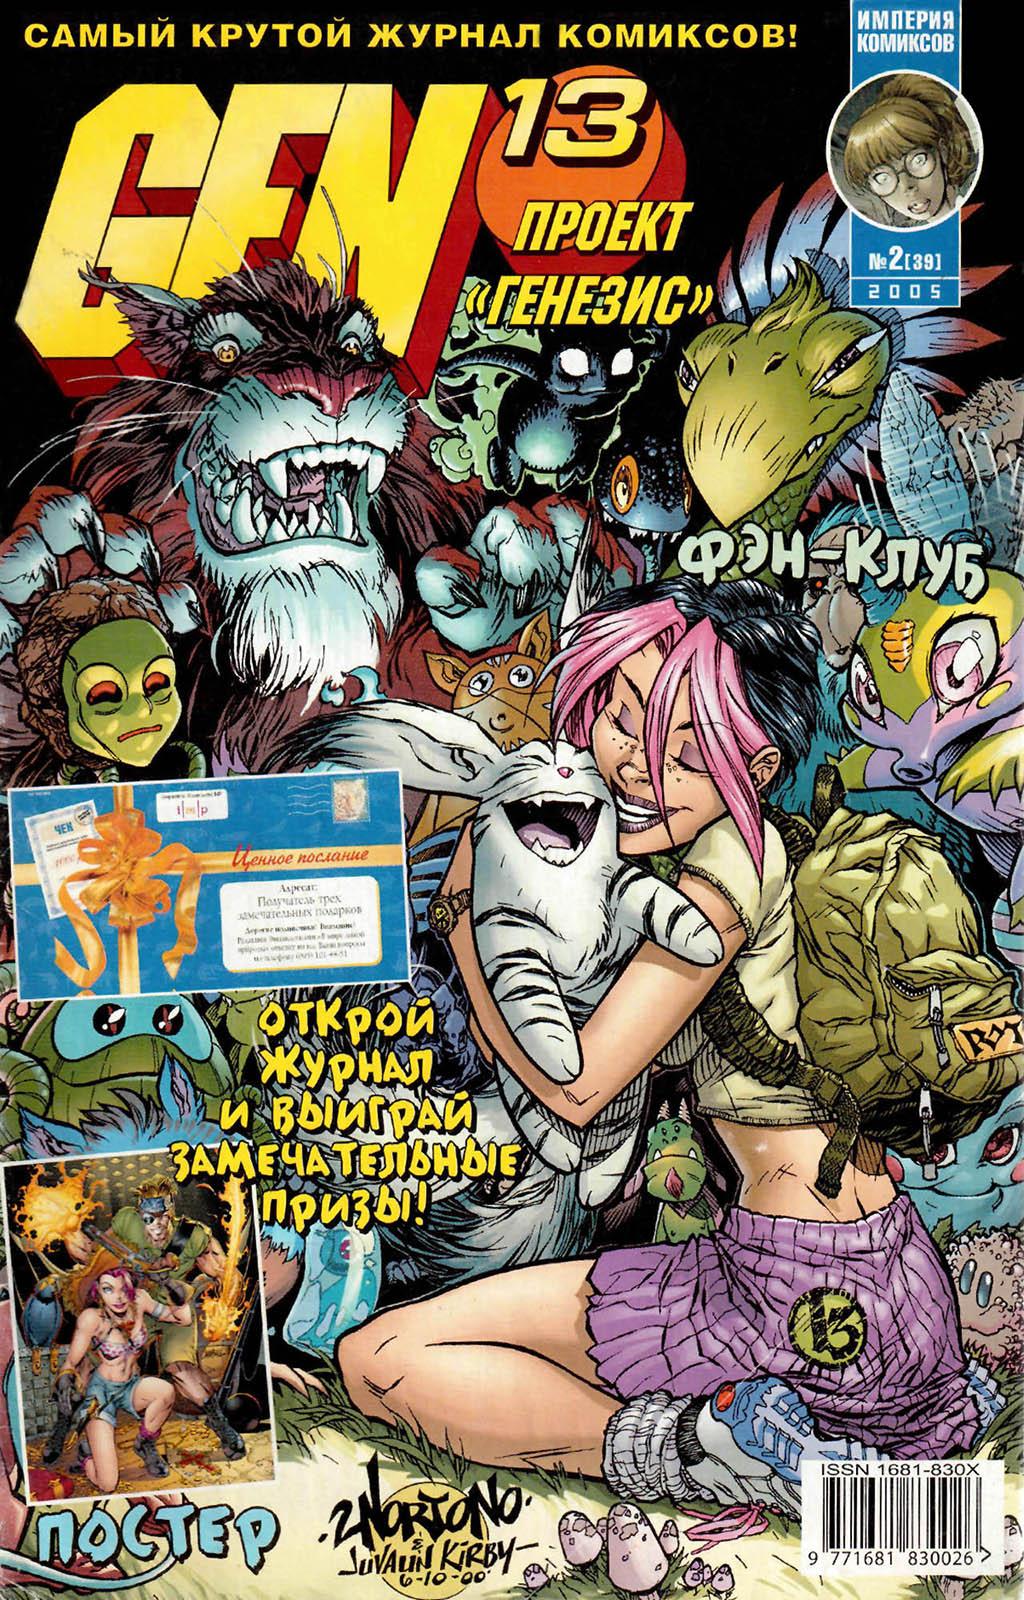 Комикс Ген 13 том 2